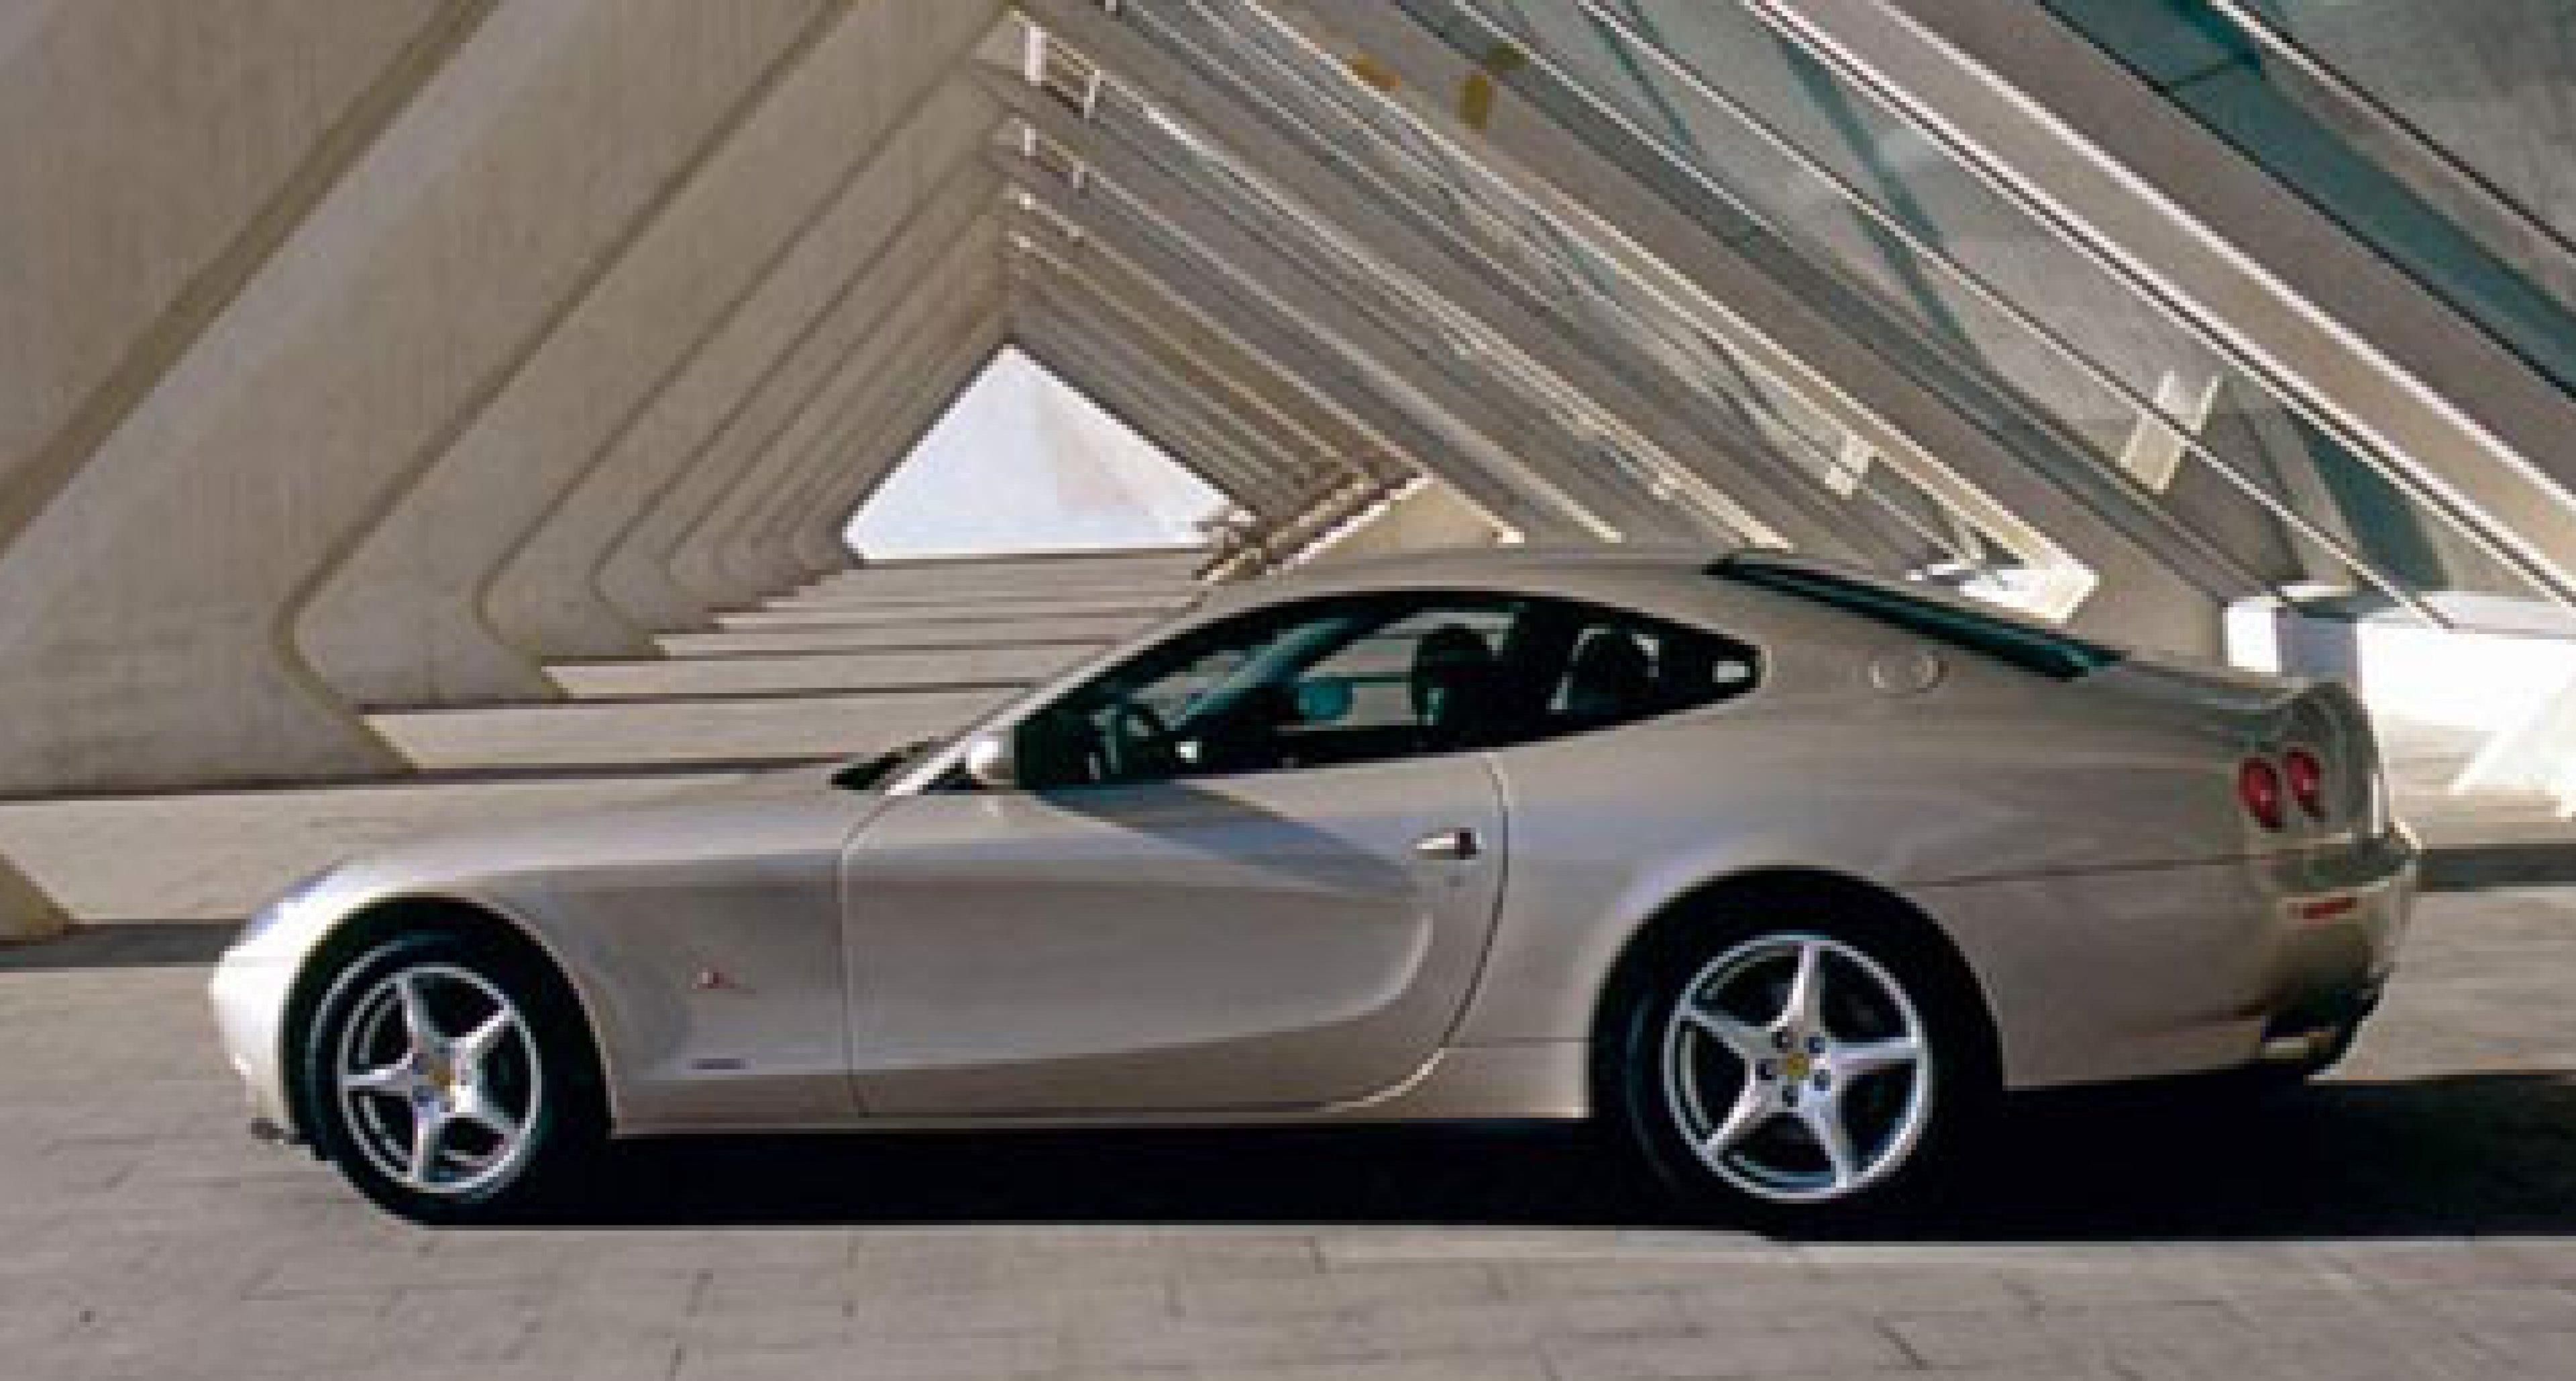 Ferrari announce price of 612 Scaglietti for UK